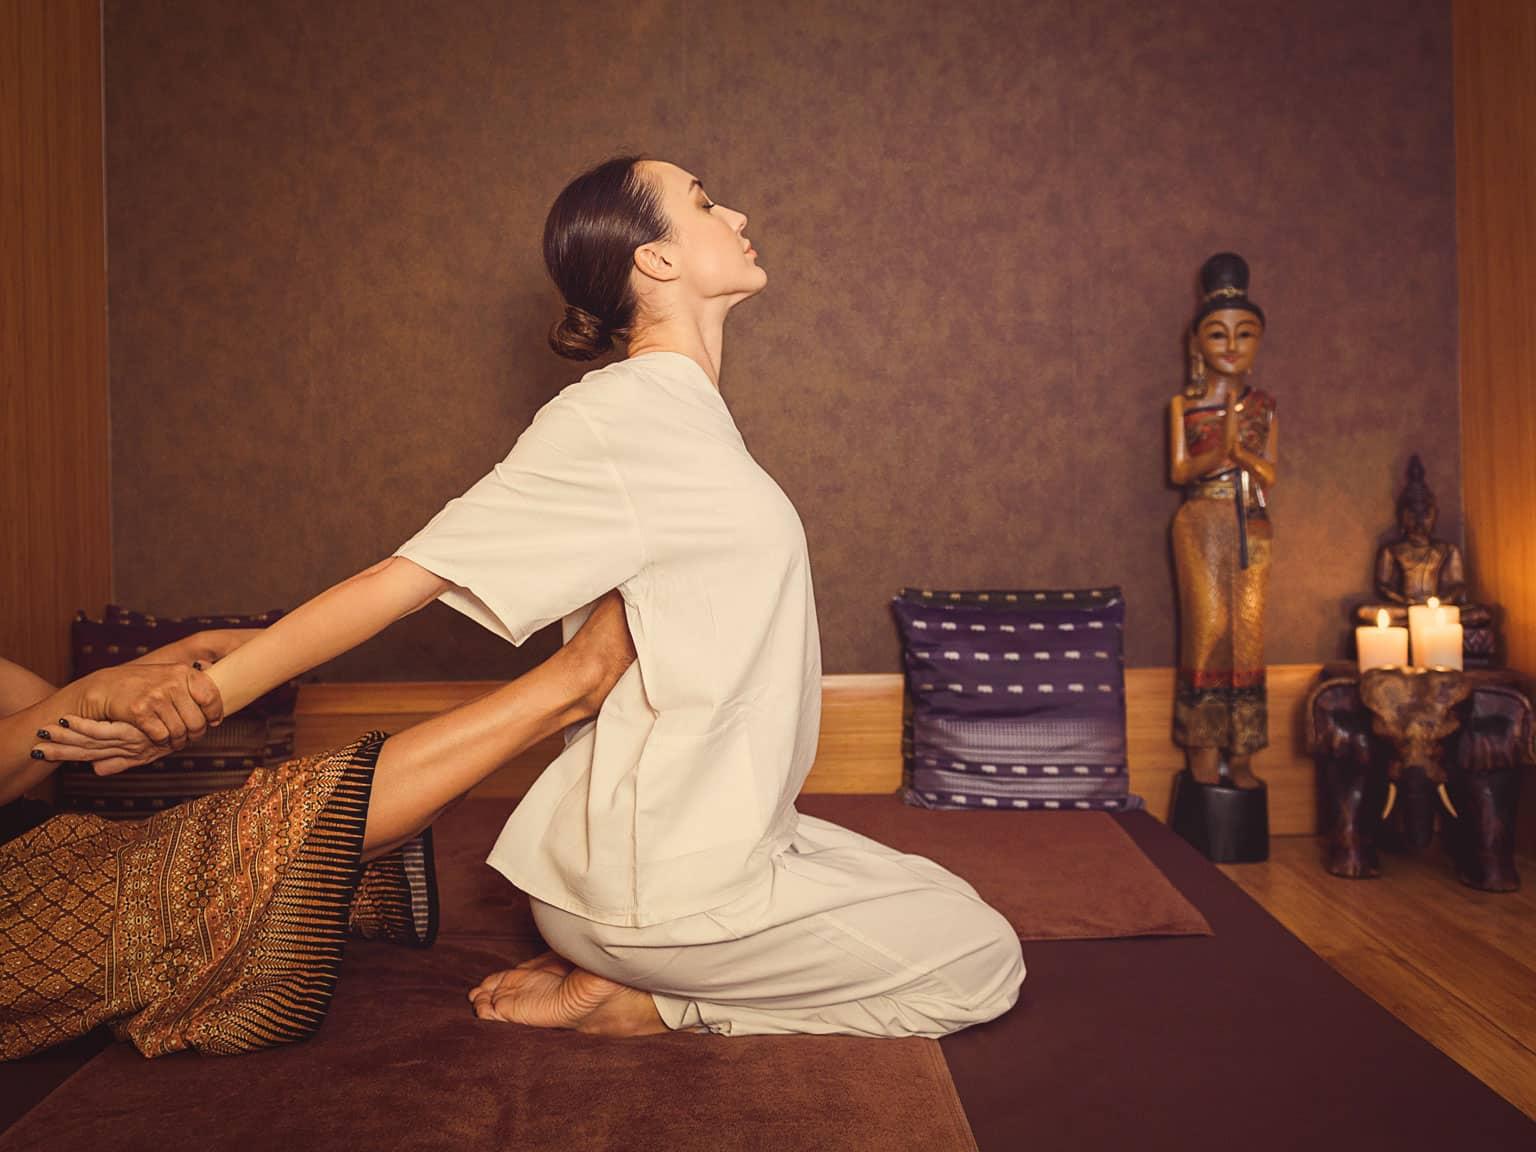 Massagen aus nah und fern | So entspannt man sich im